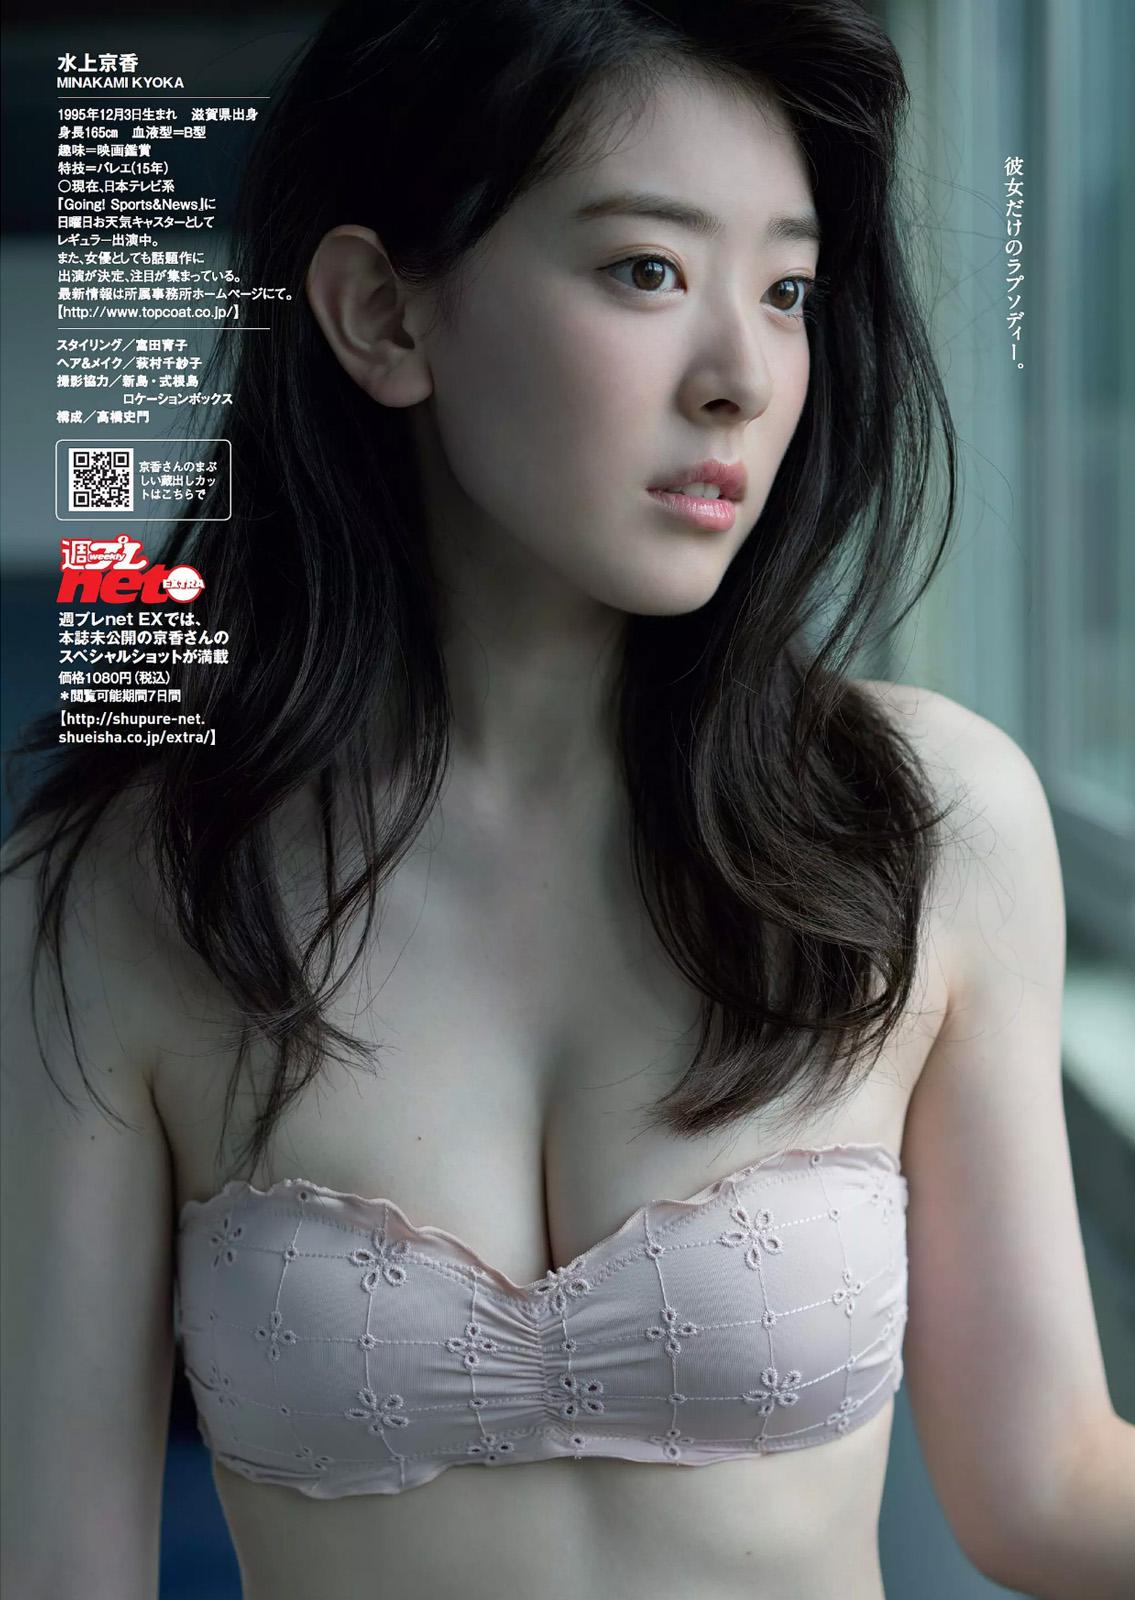 水上京香(22)朝ドラ女優の抜ける水着グラビアエロ画像46枚・23枚目の画像